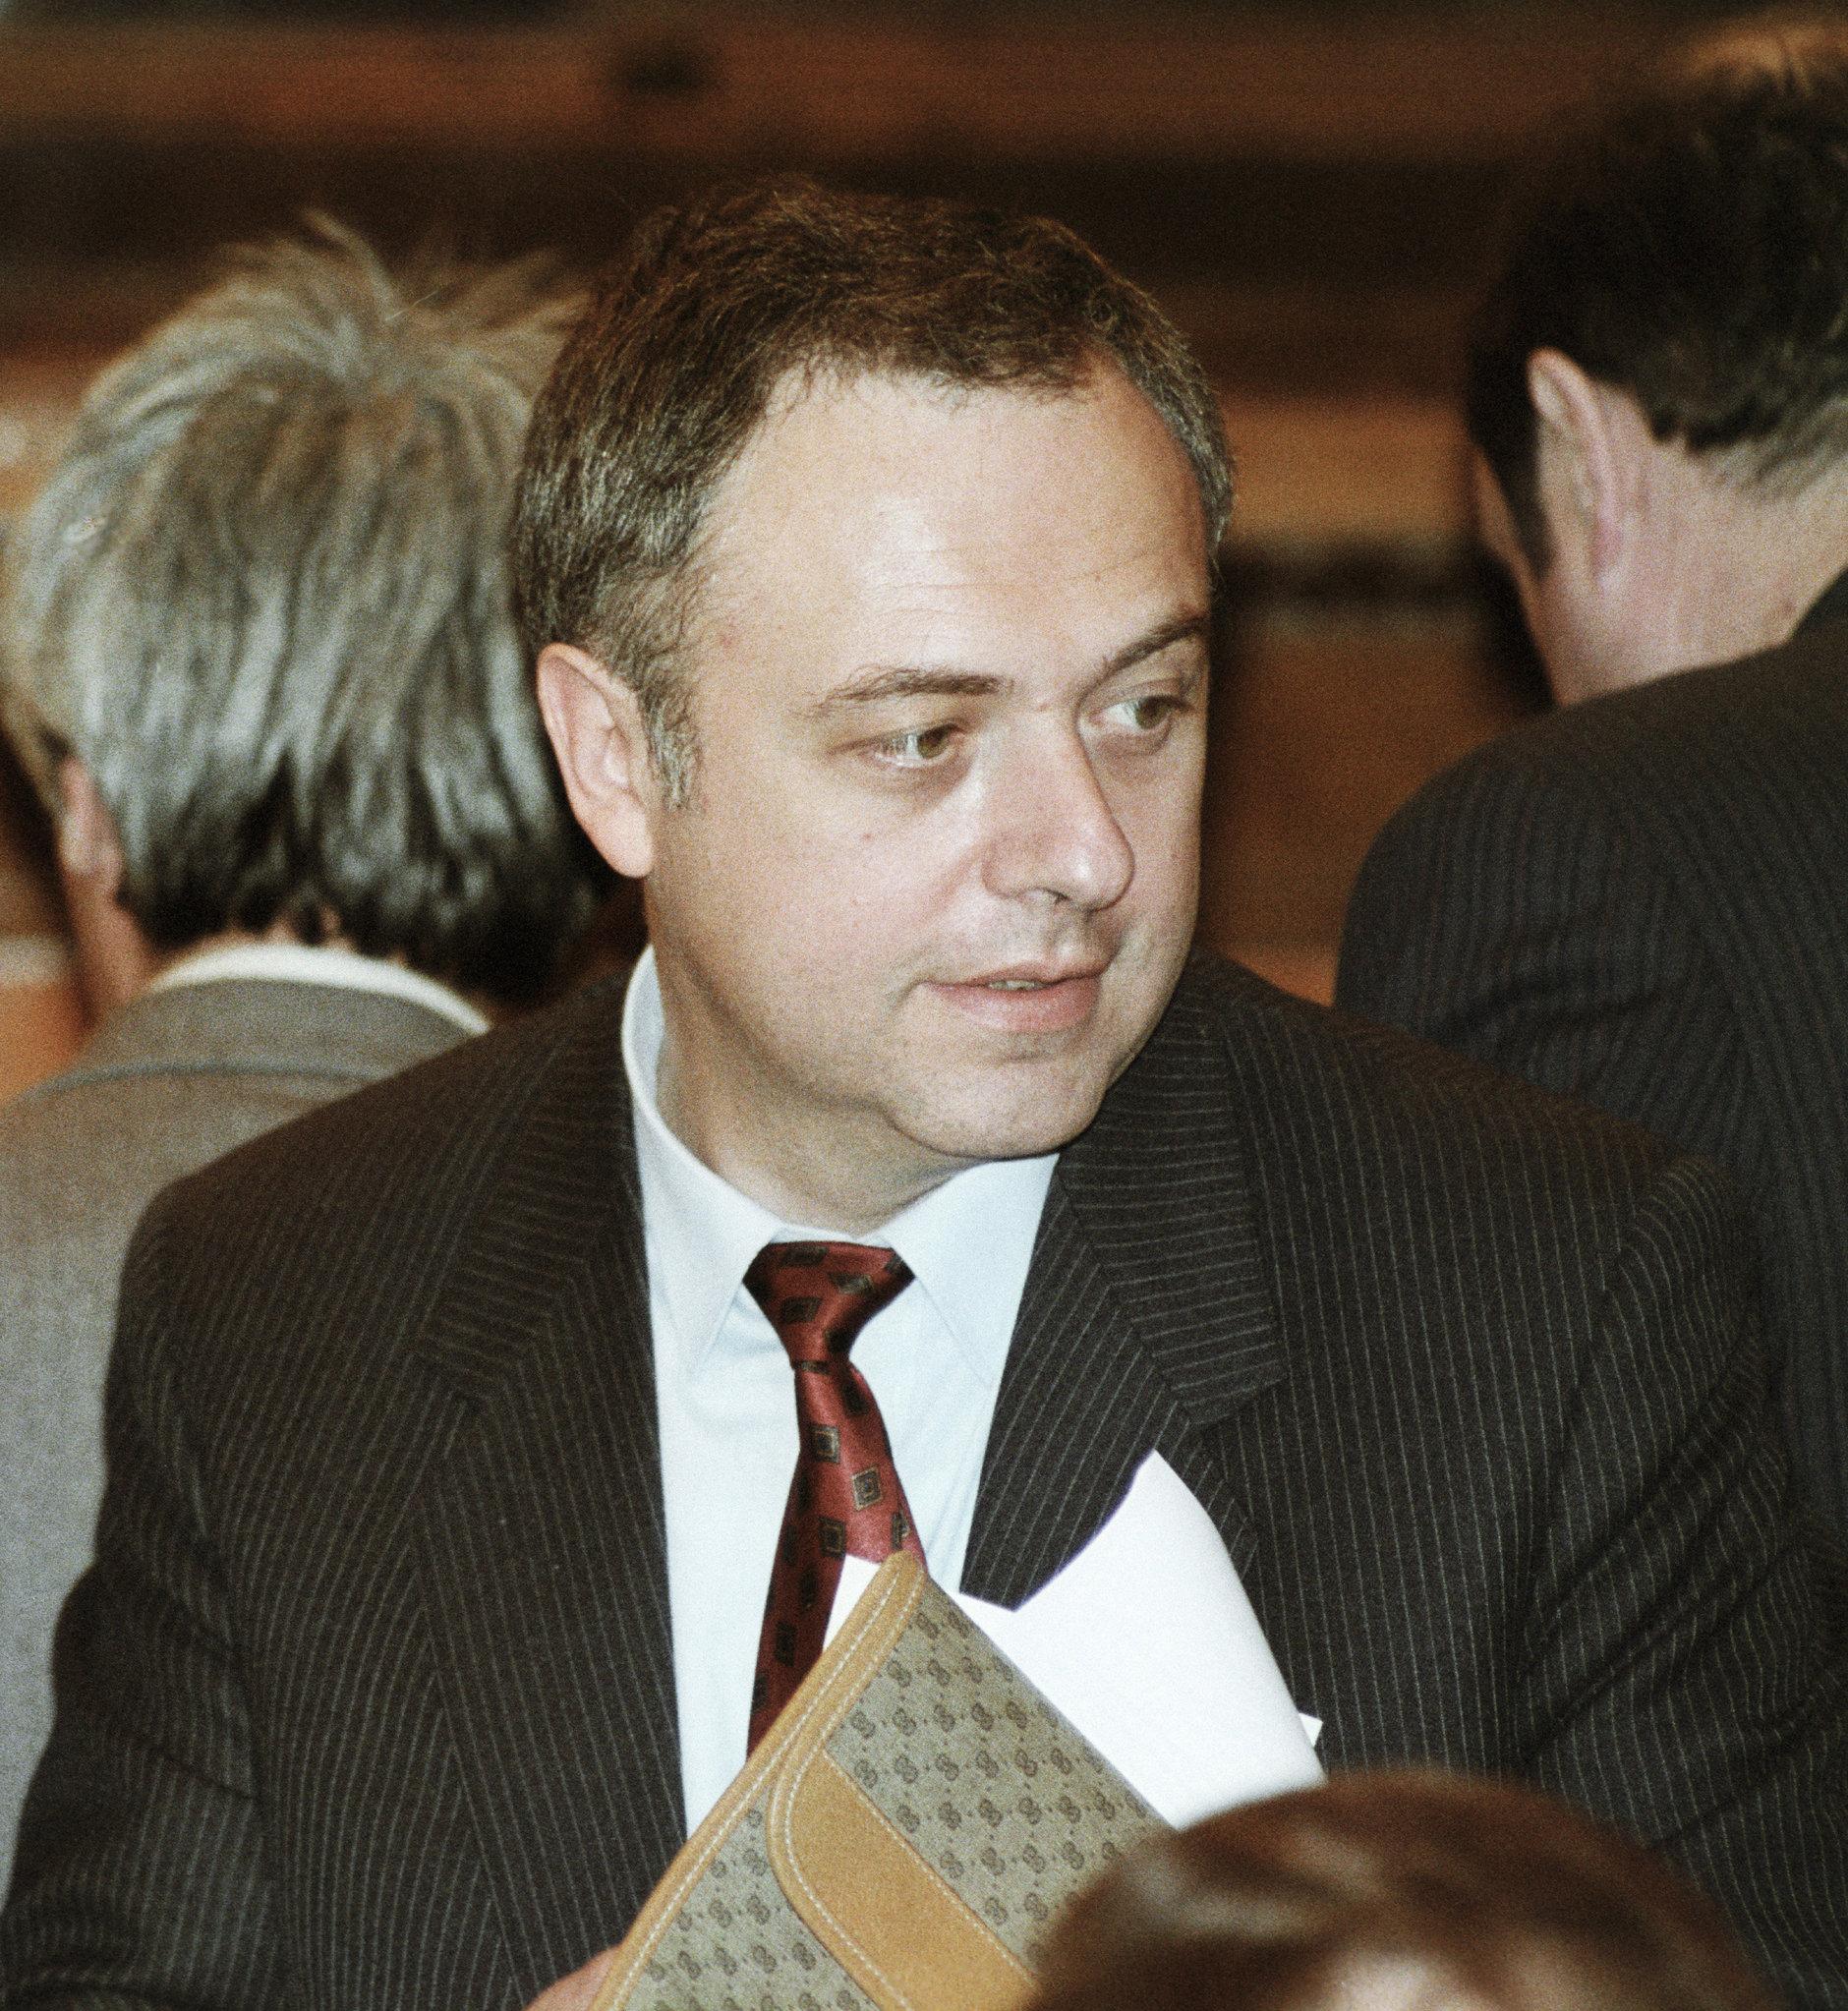 Andrej Kozyrëv (1951 - ), ministro degli affari esteri della Federazione Russa